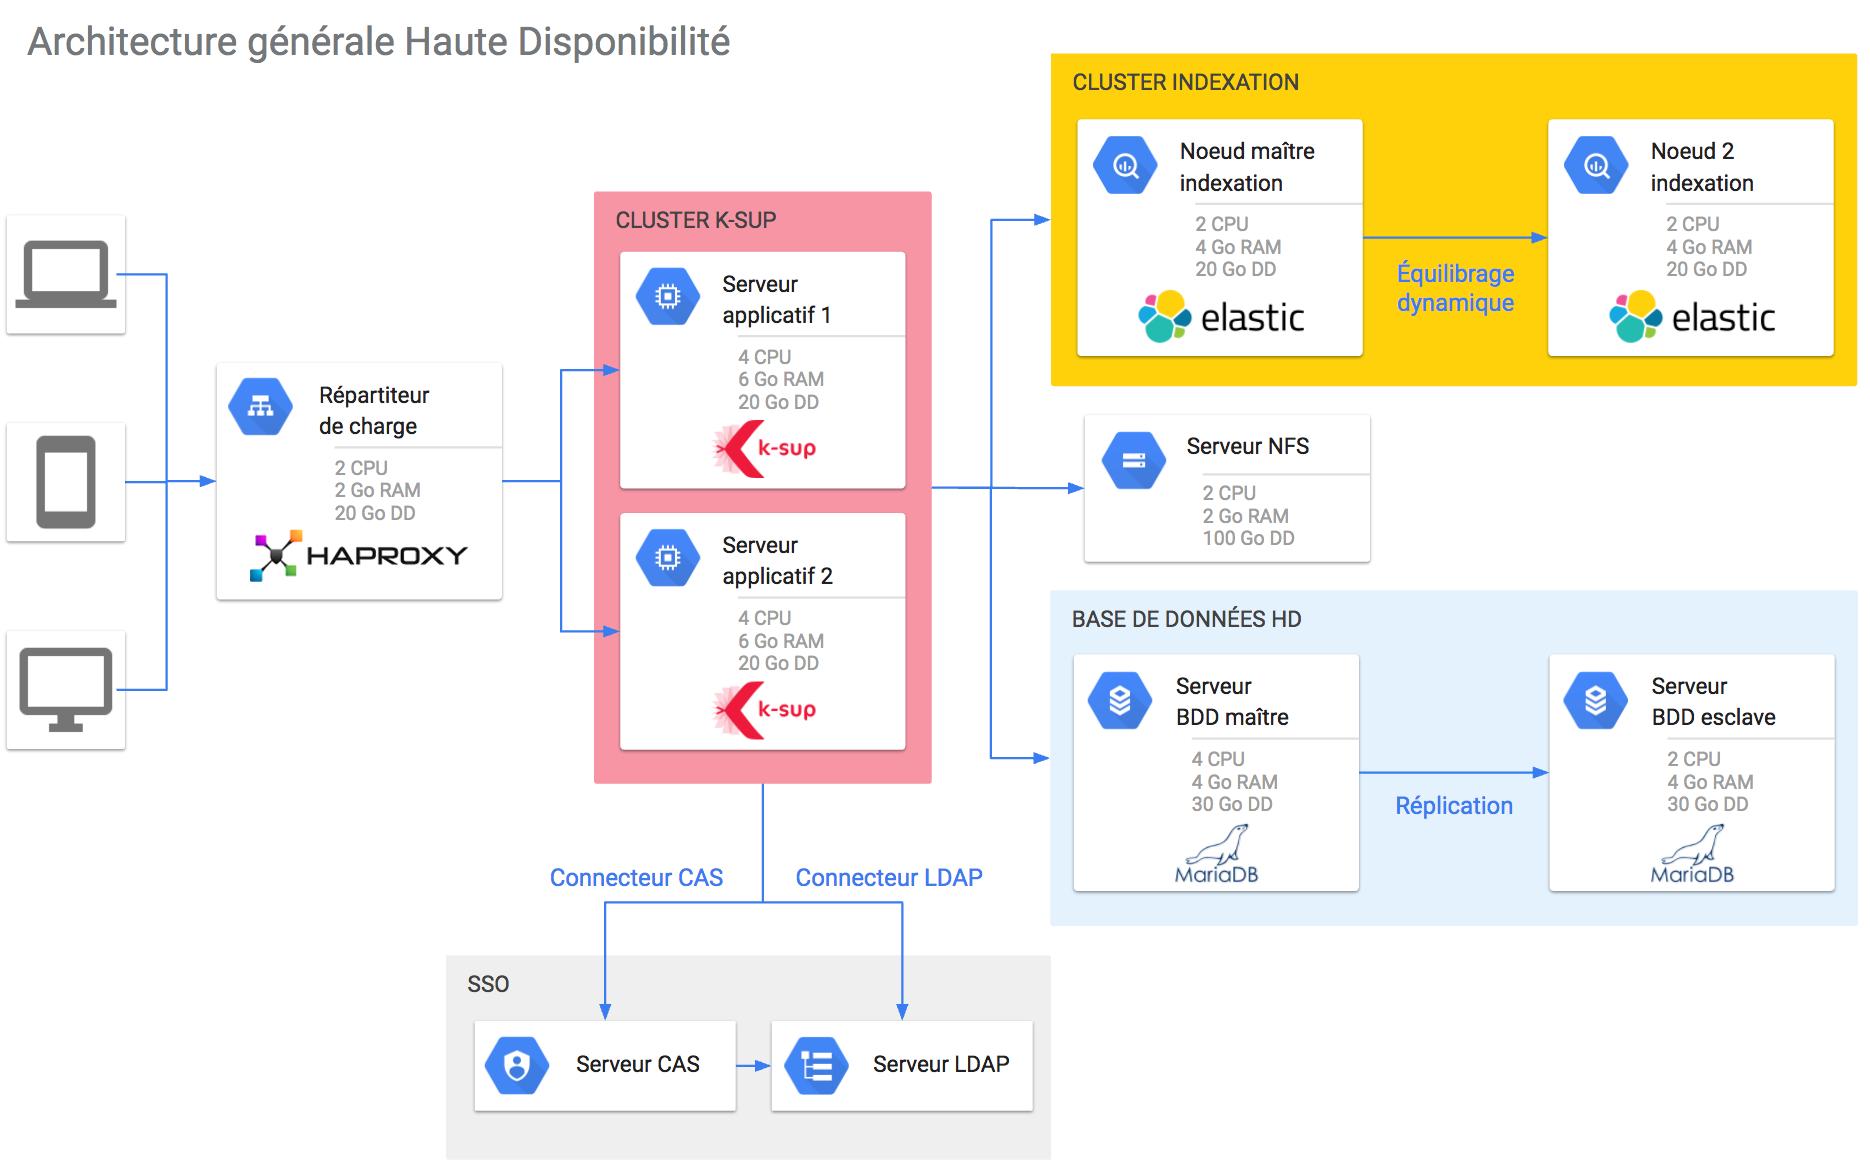 schéma d'architecture distribuée pour l'hébergement de K-Sup